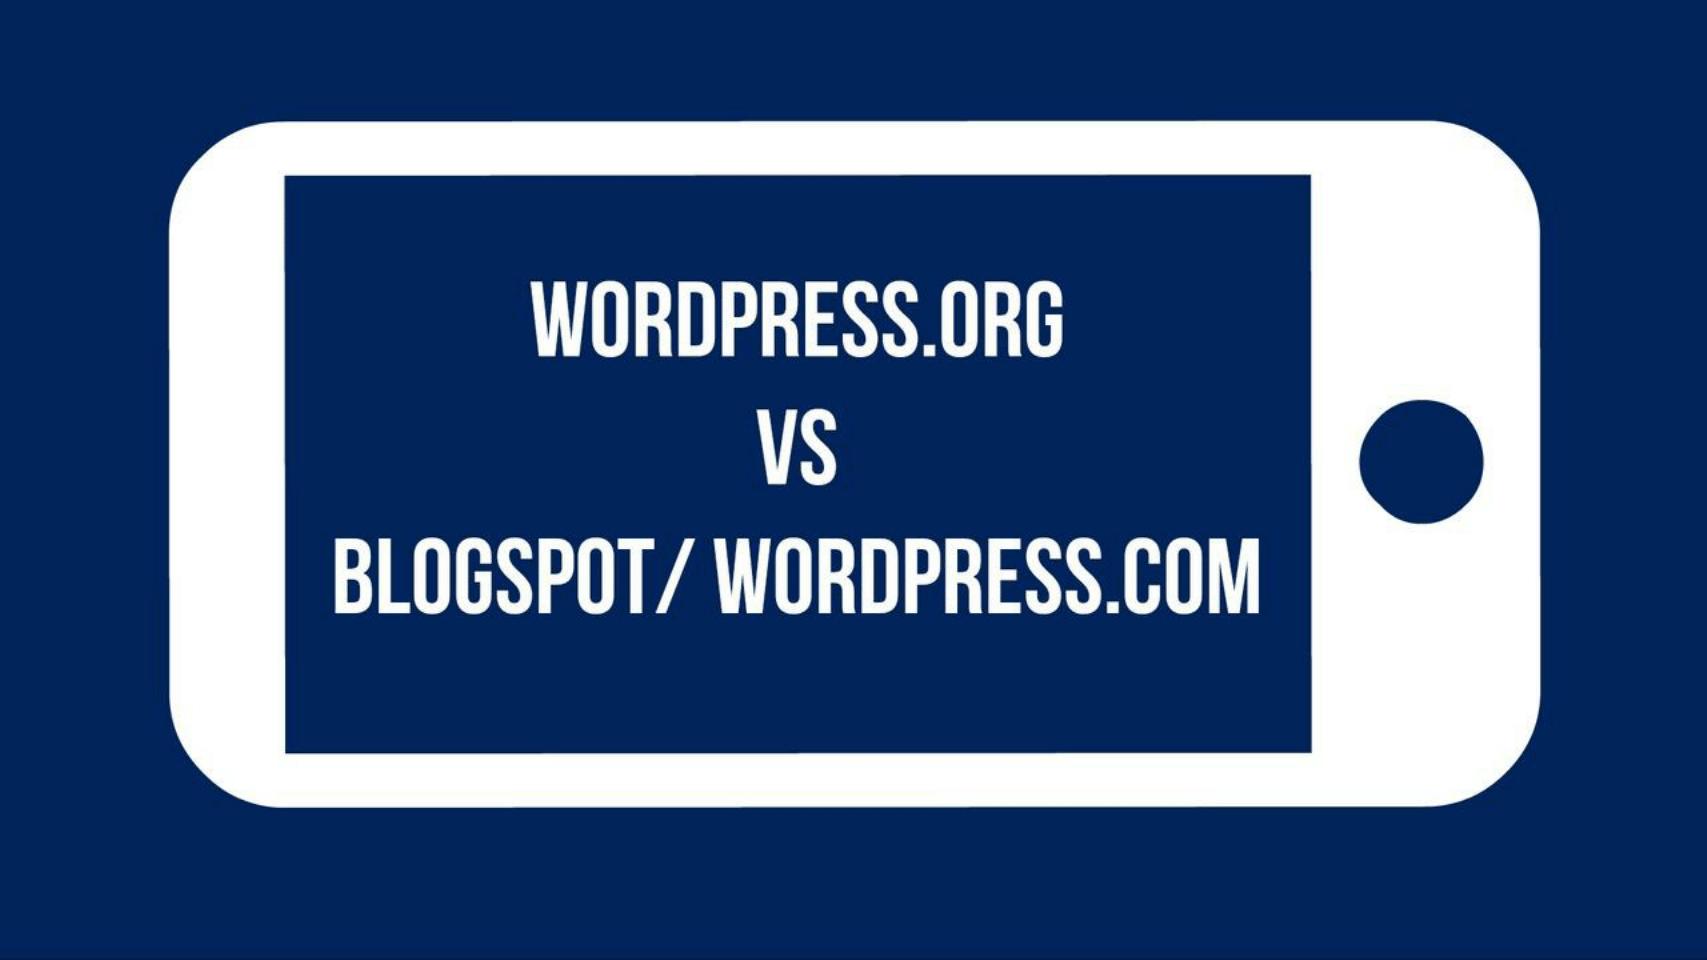 wordpress.org-vs-blogspot-wordpress.com